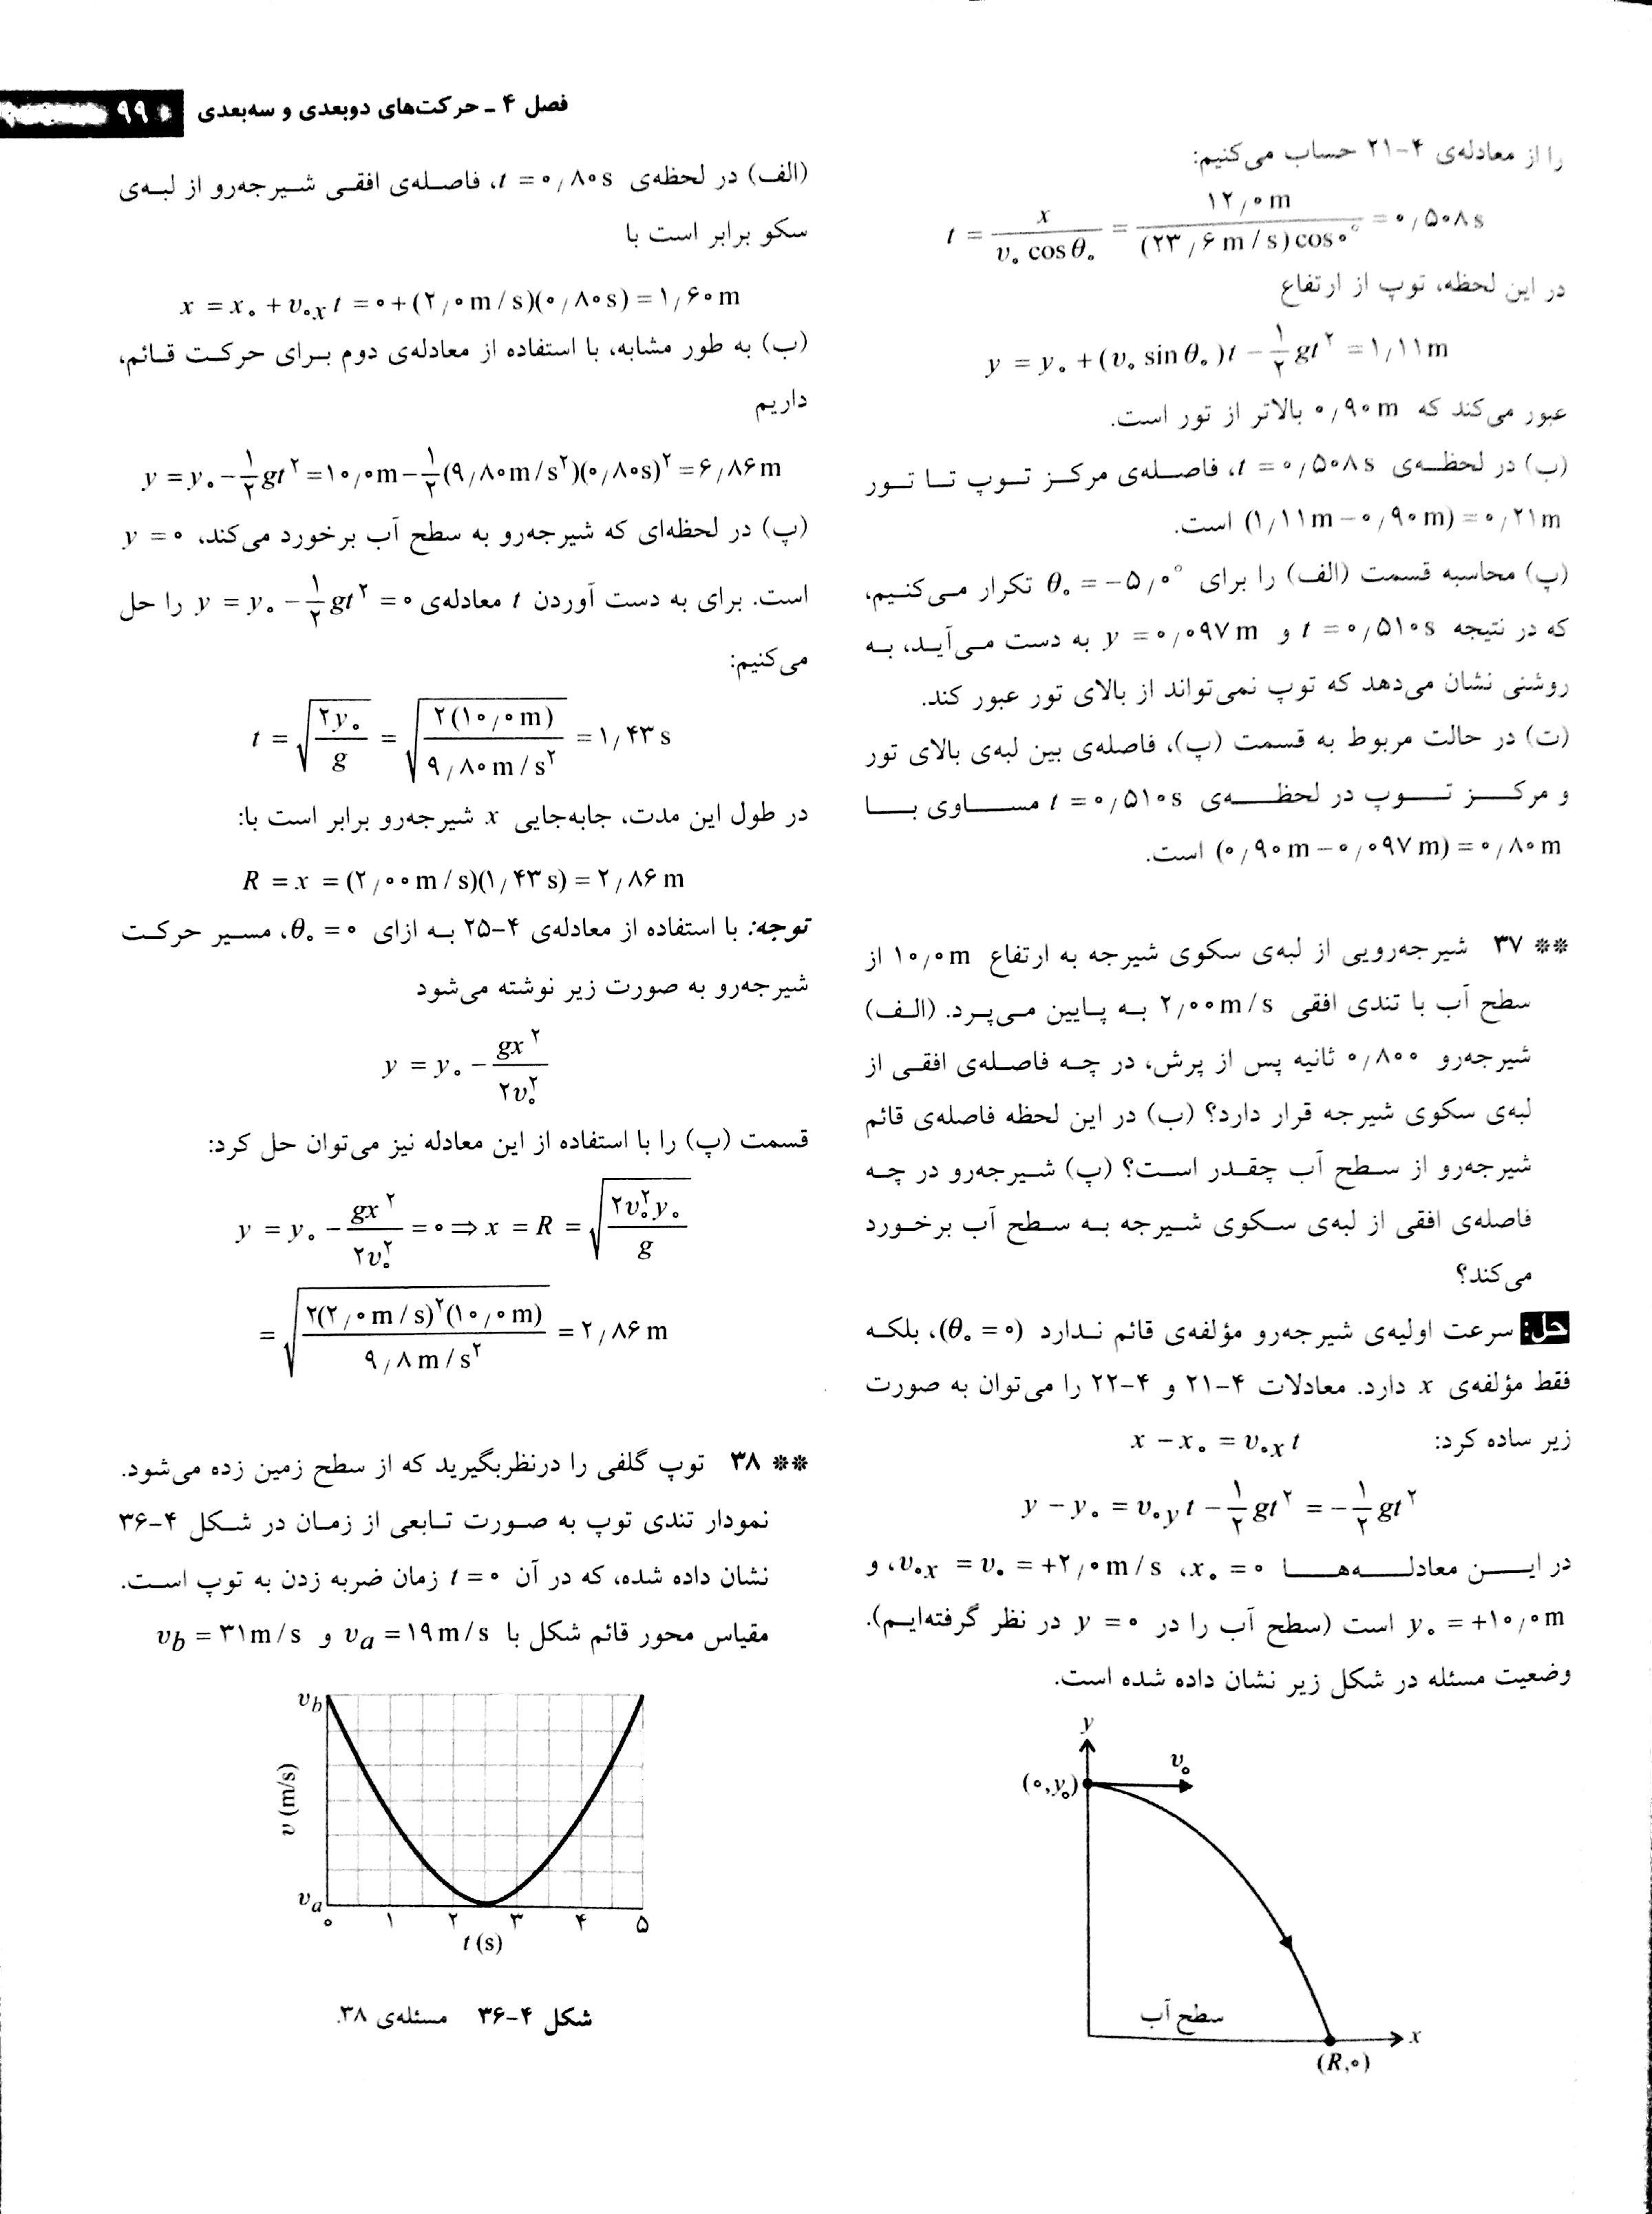 حل المسائل فیزیک 1 هالیدی فارسی ویرایش دهم